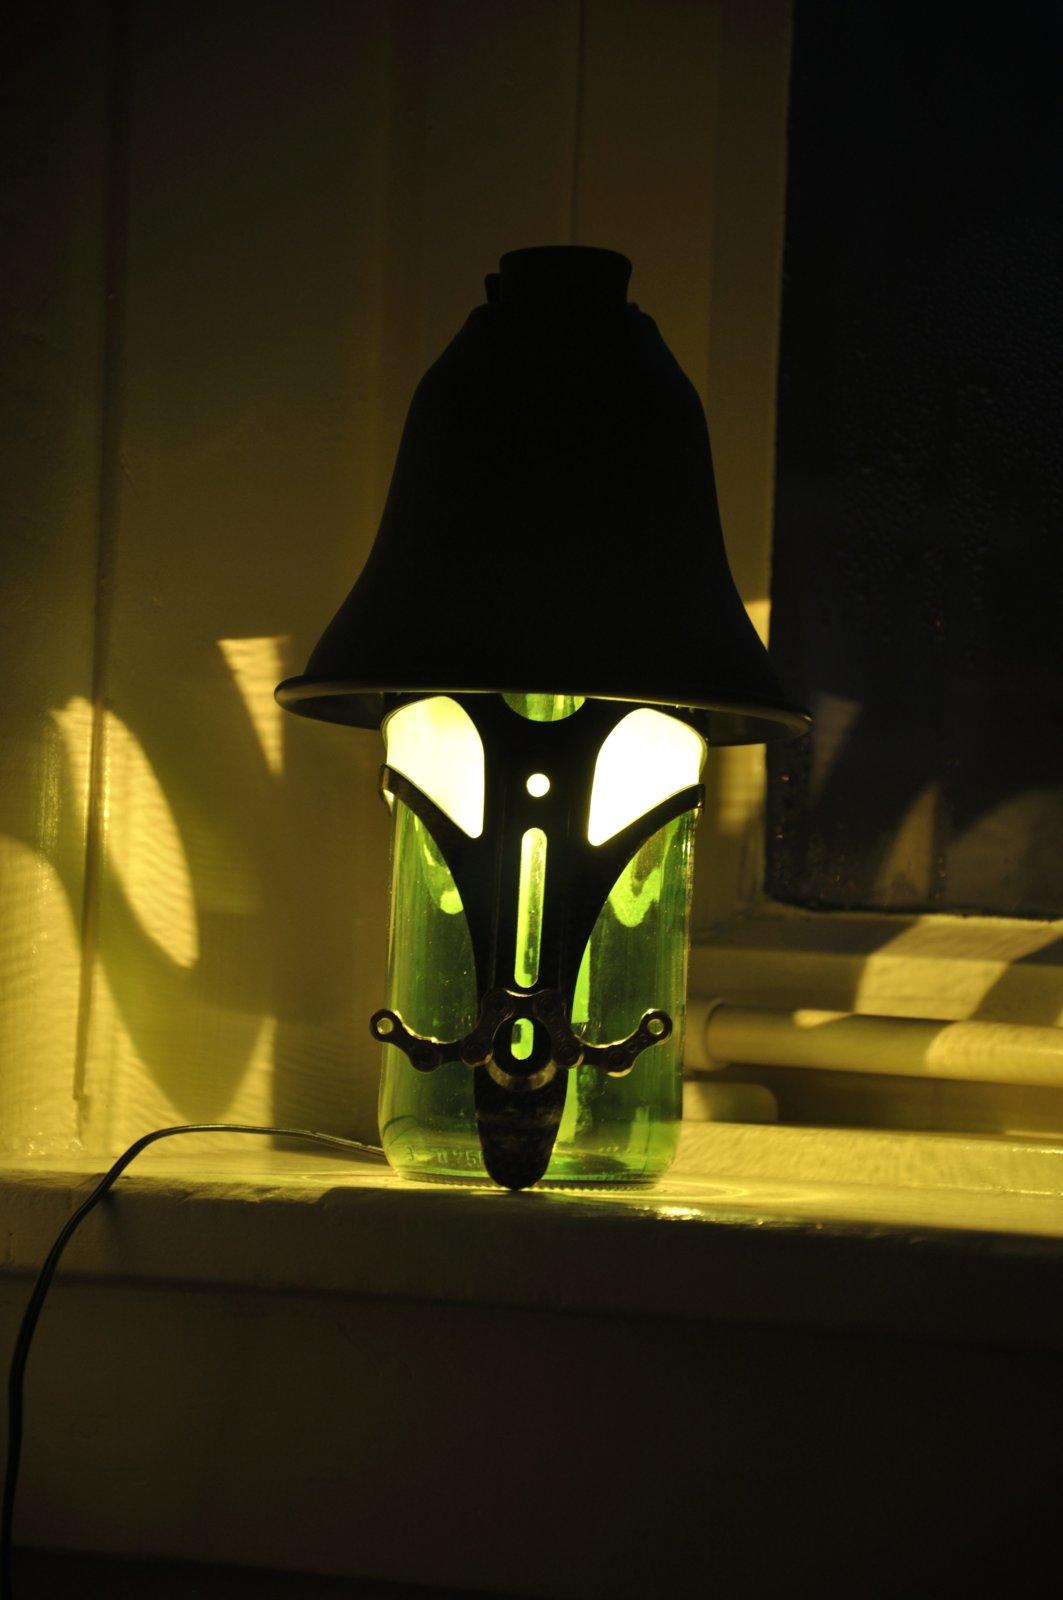 Darth Vader Met Snor Lamp By Decreatievelink 1